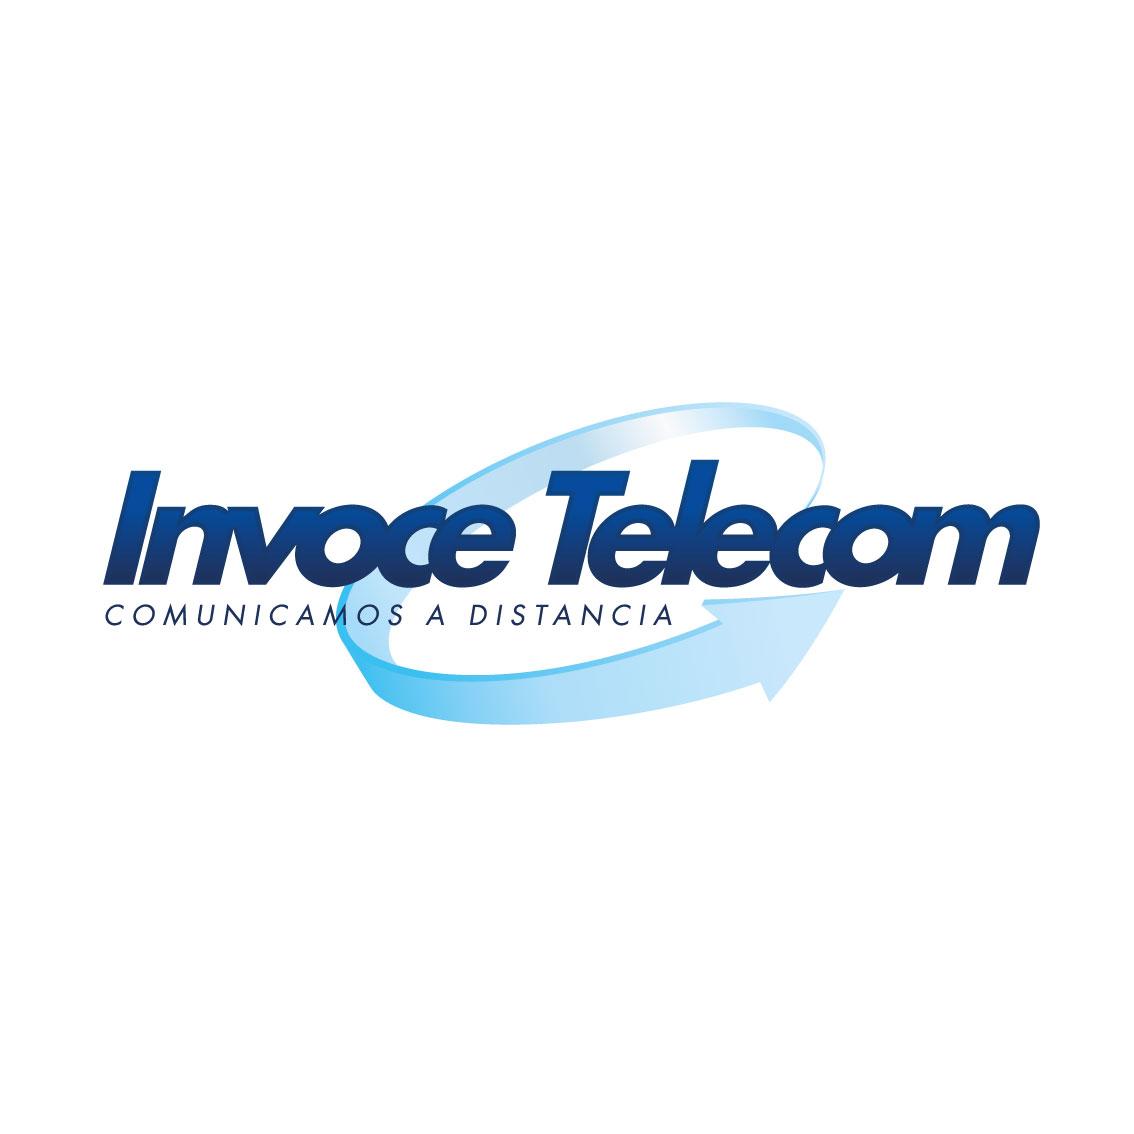 Invoice-telecom